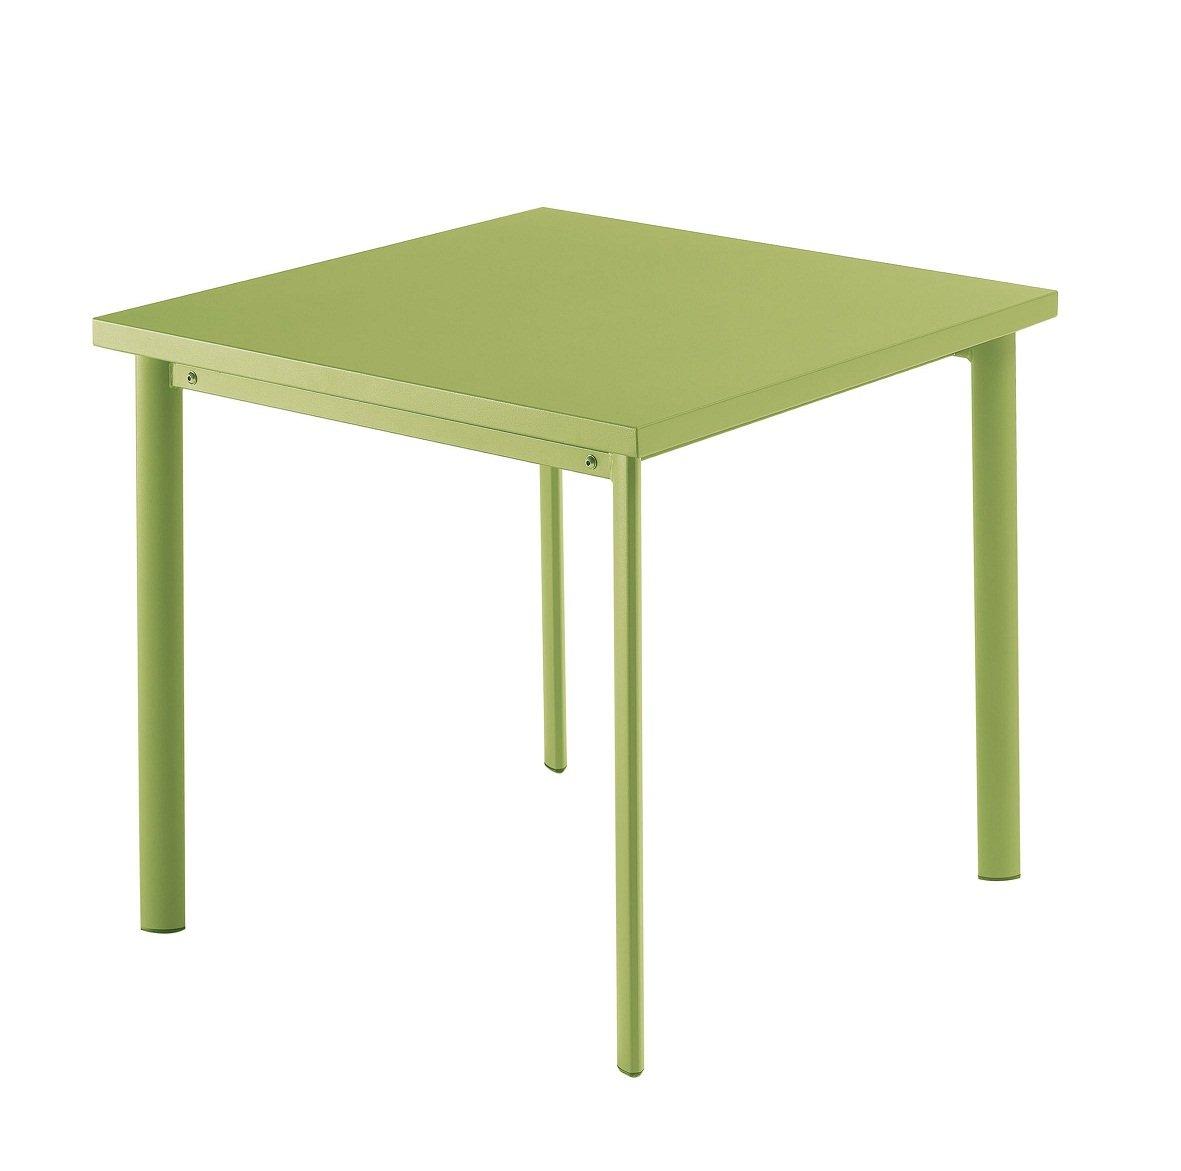 Emu 303056000 Star Tisch 305, 70 x 70 cm, pulverbeschichteter Stahl, grün bestellen